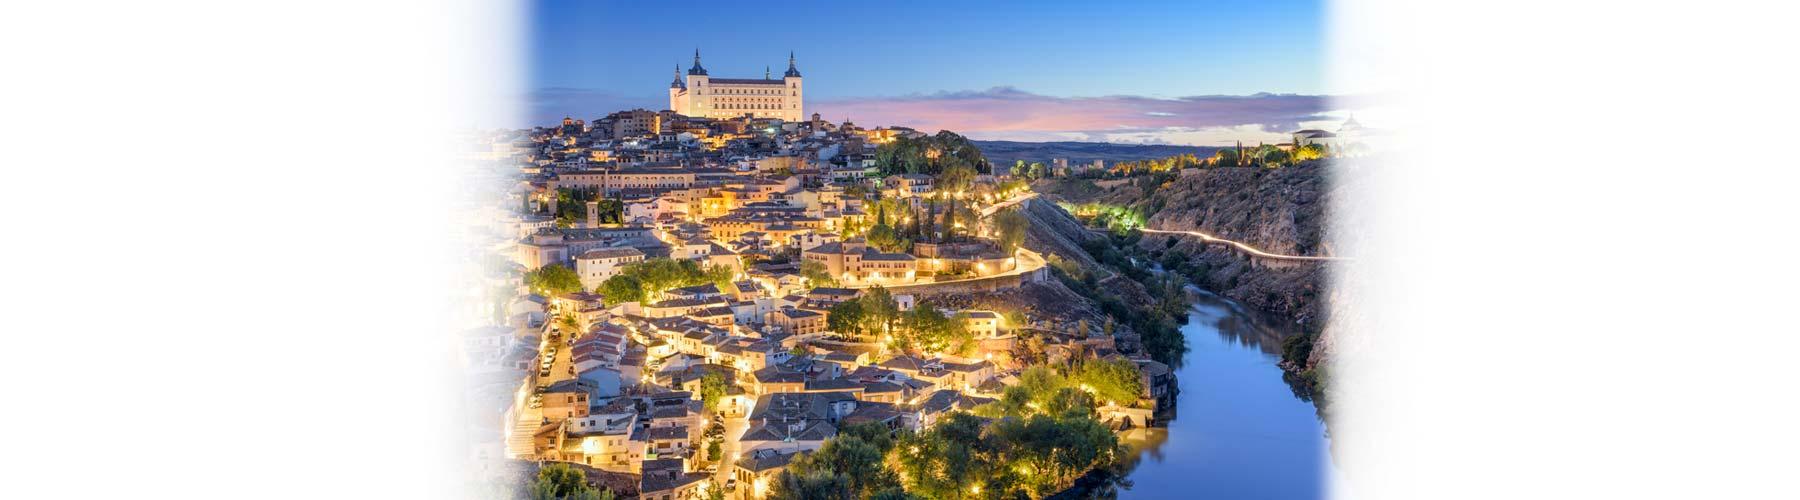 Máster de enfermería en Toledo: las enfermeras de Toledo disfrutarán de condiciones exclusivas para realizar los Másters de SalusPlay